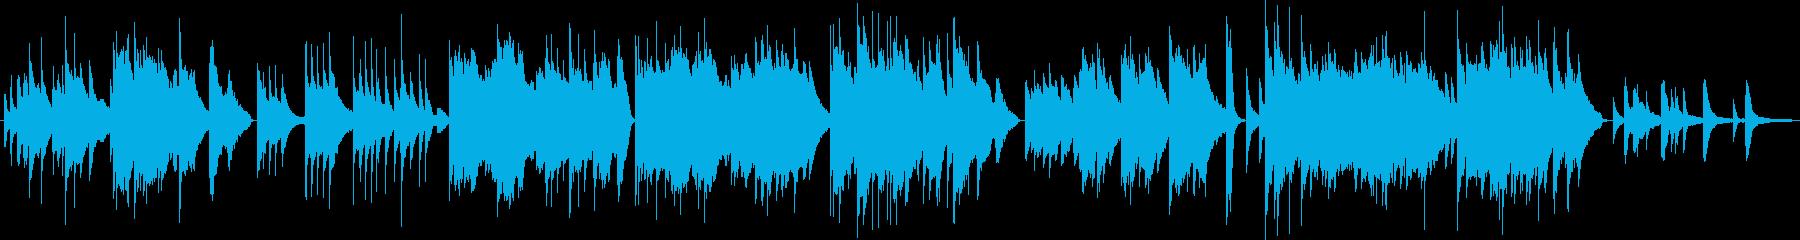 物語性のある場面を【ピアノ】で演出の再生済みの波形